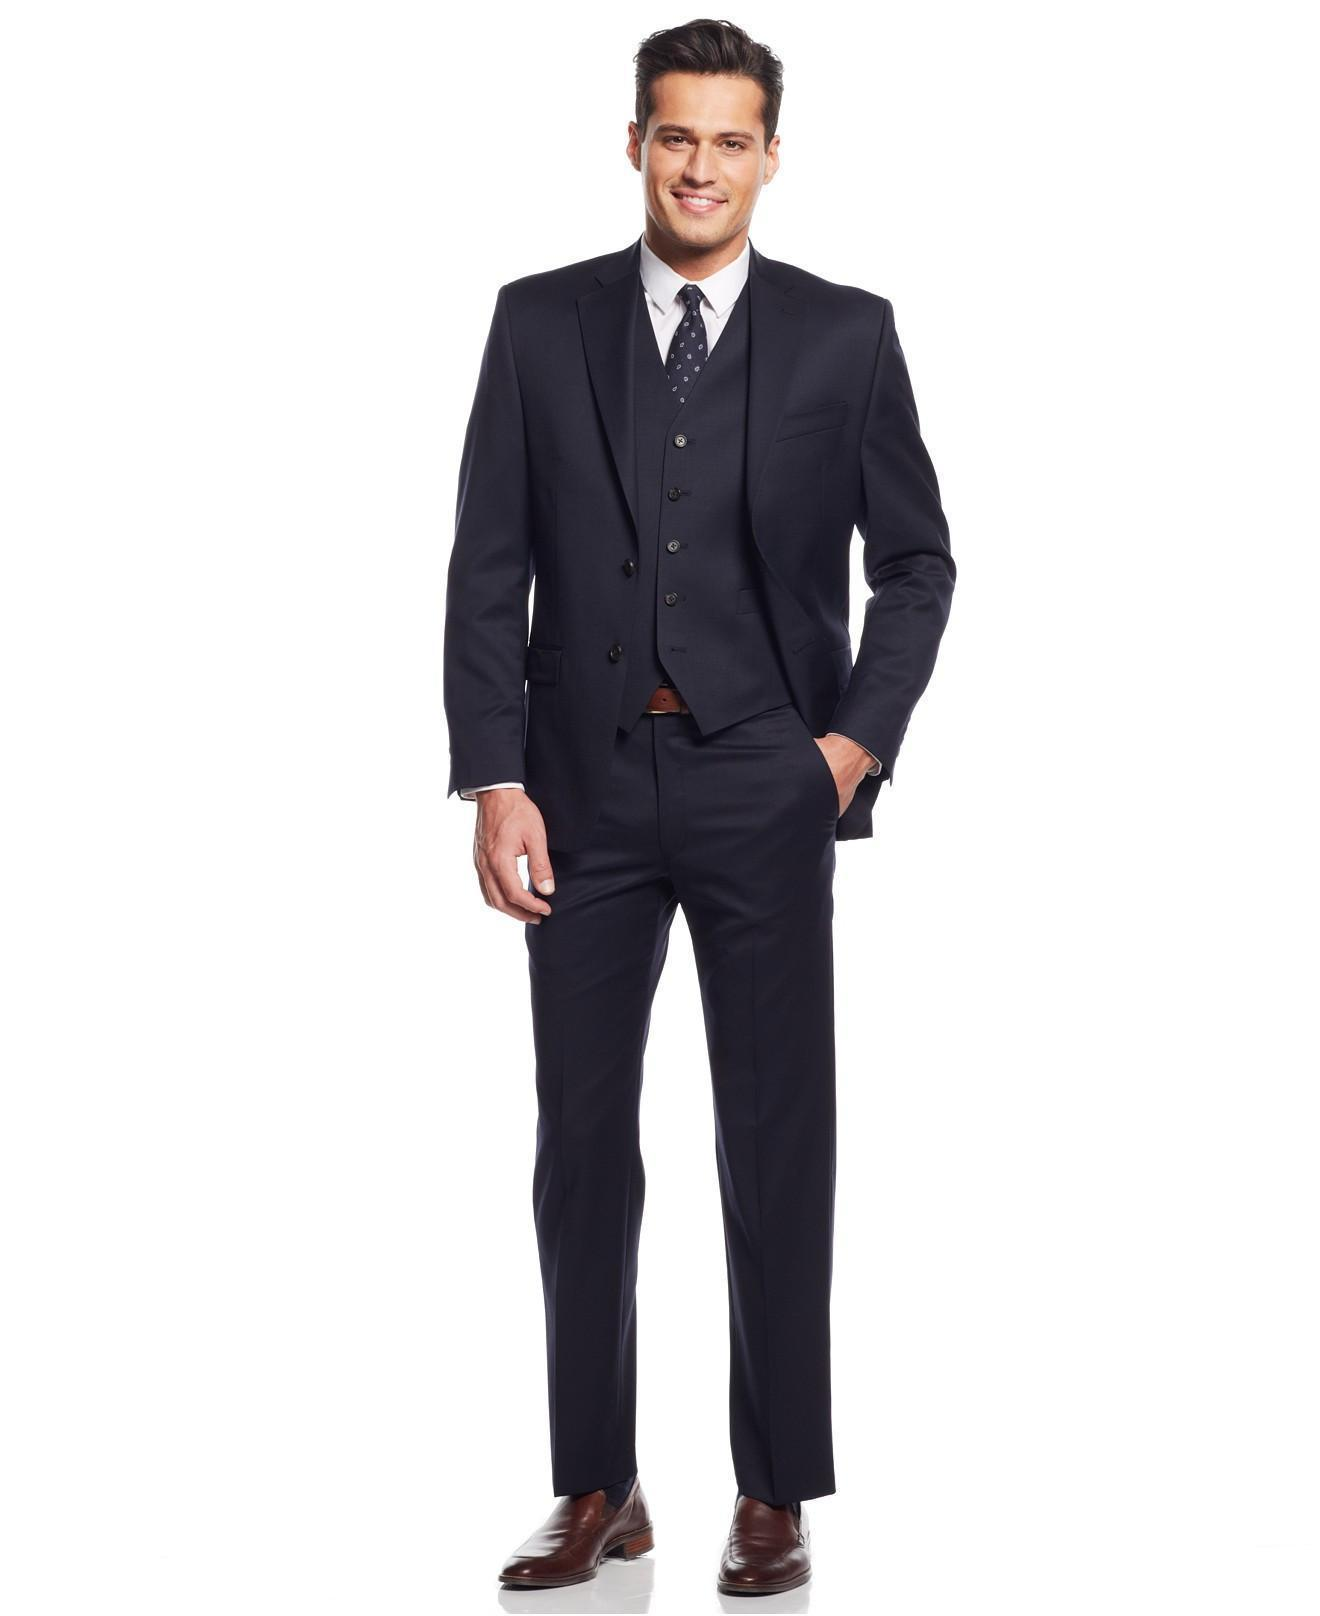 Vente en gros - La dernière version de 100% pure marine manuelle robe trois-pièces messieurs et adapté pour le costume de mariage du marié personnalisé (manteau +